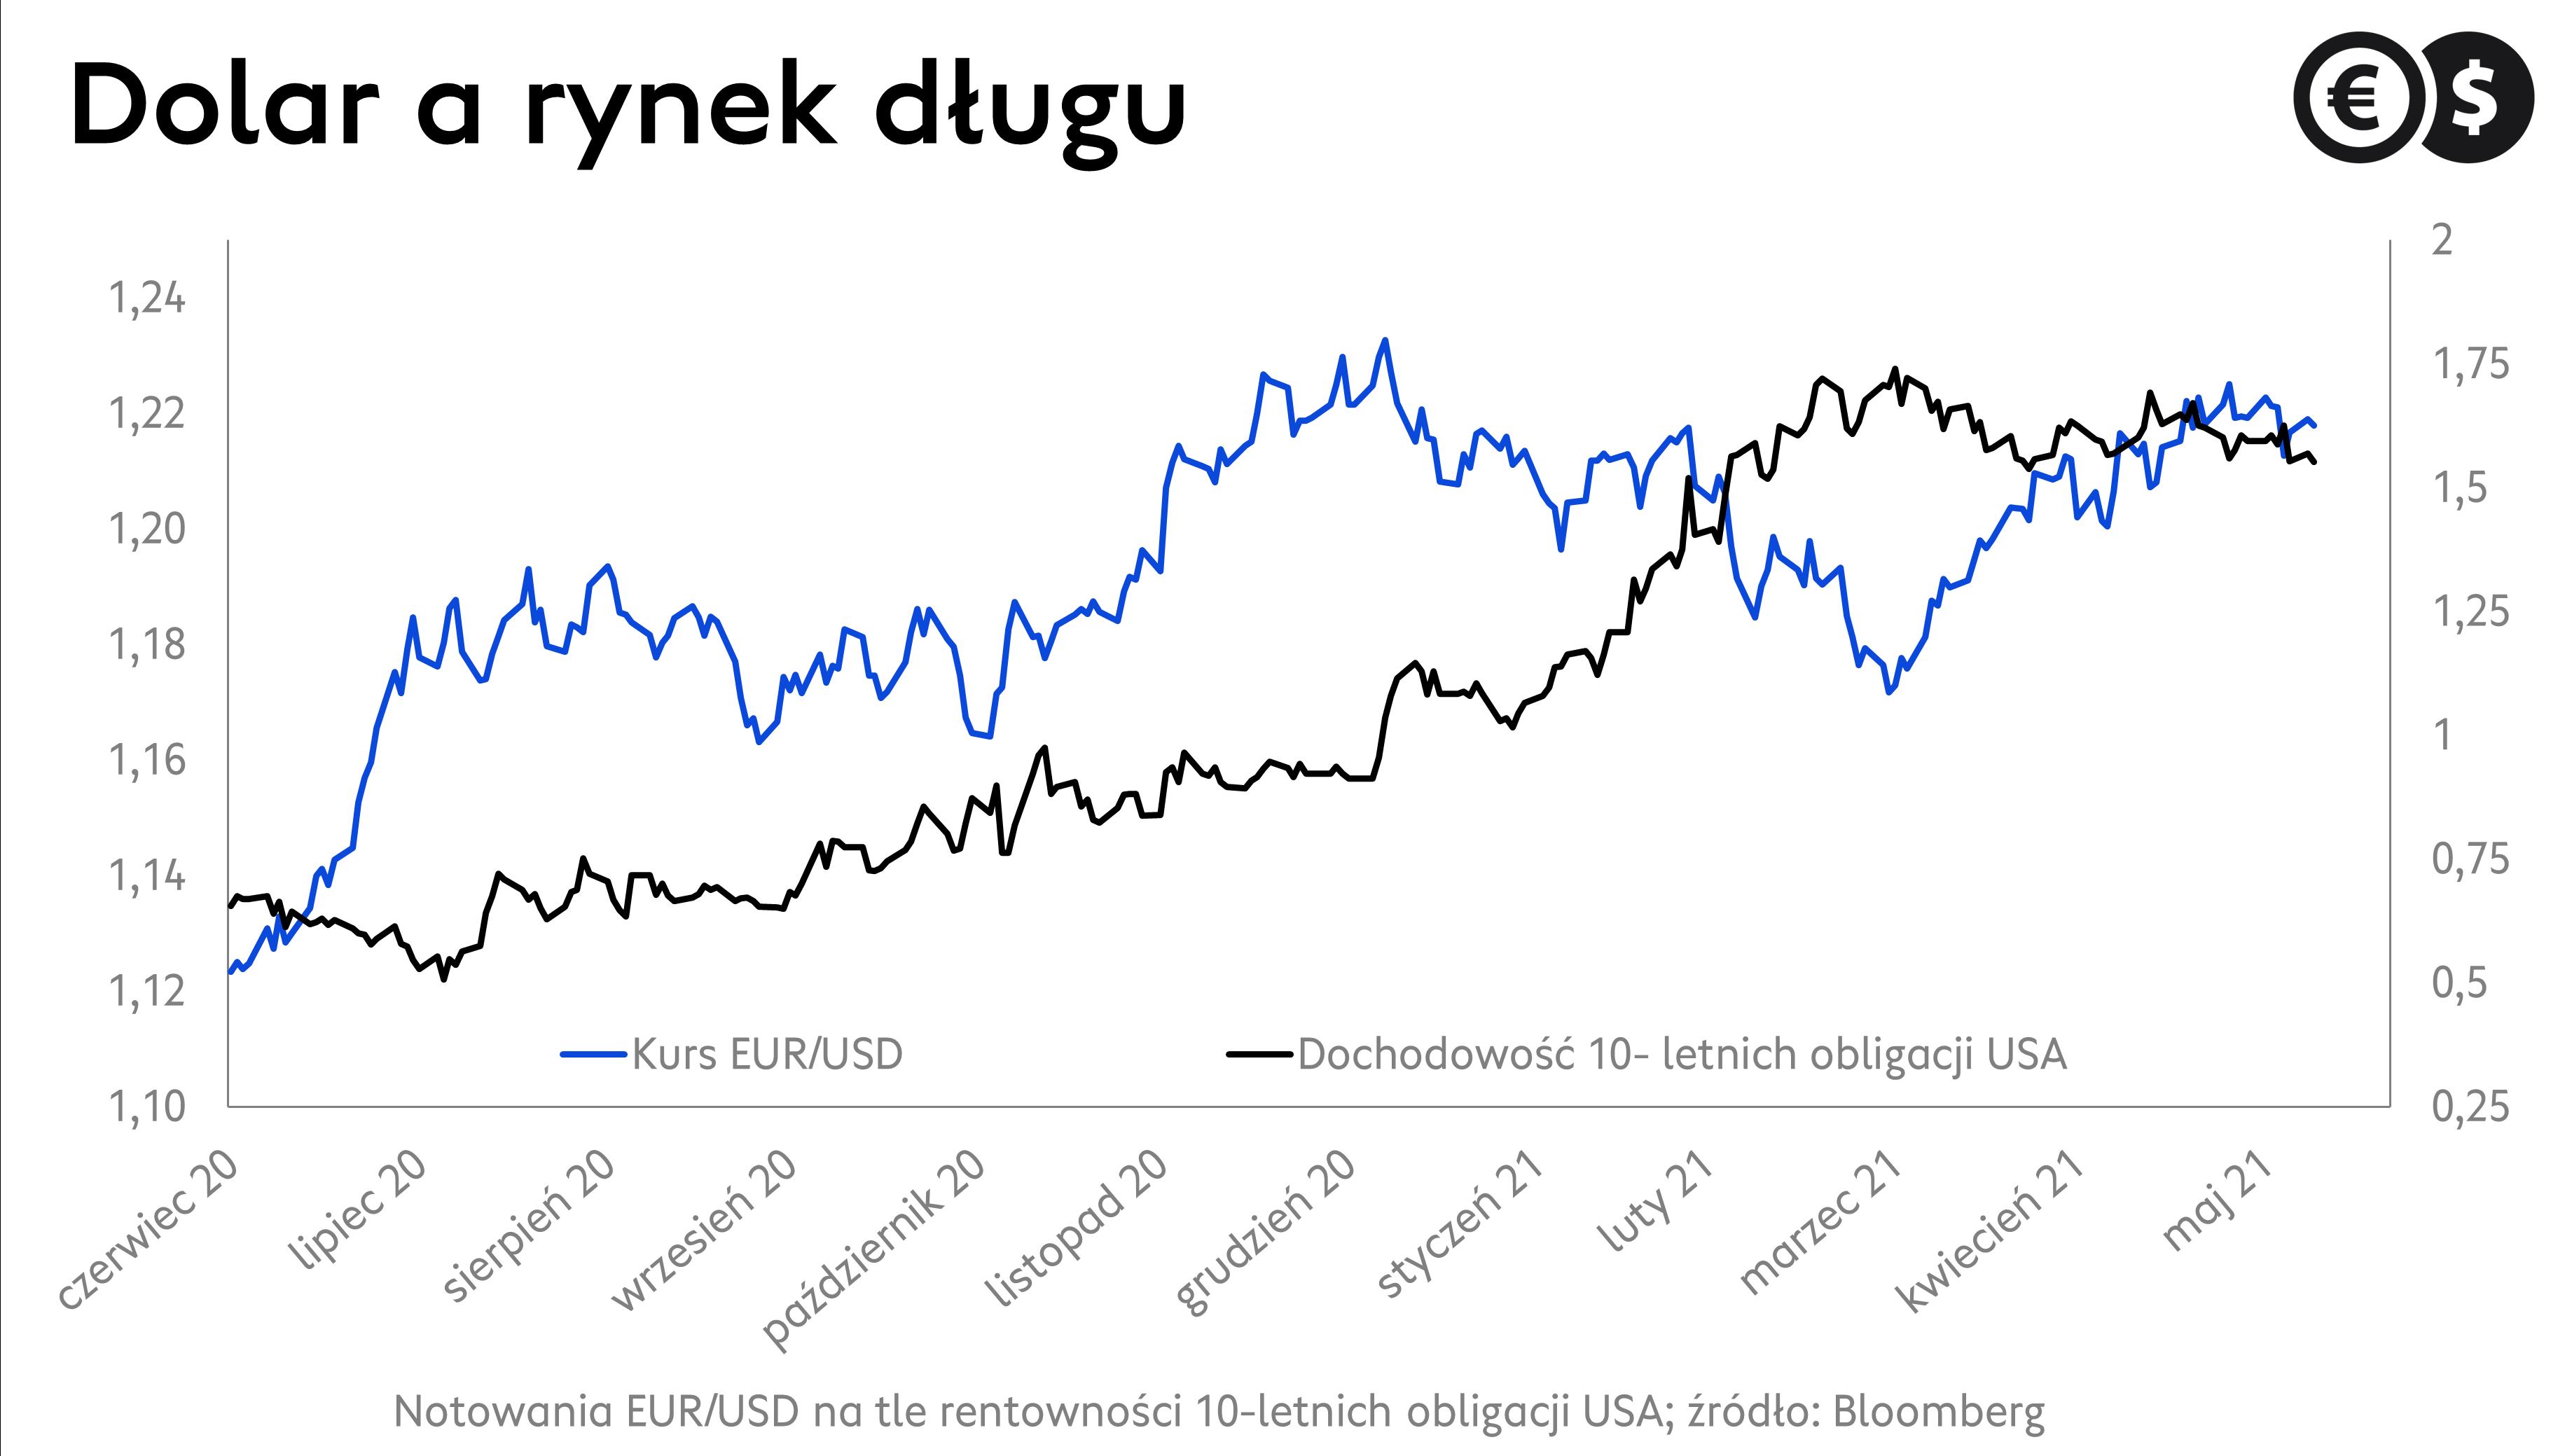 Kurs EUR/USD, notowania dolara na tle rentowności obligacji USA; źródło: Bloomberg